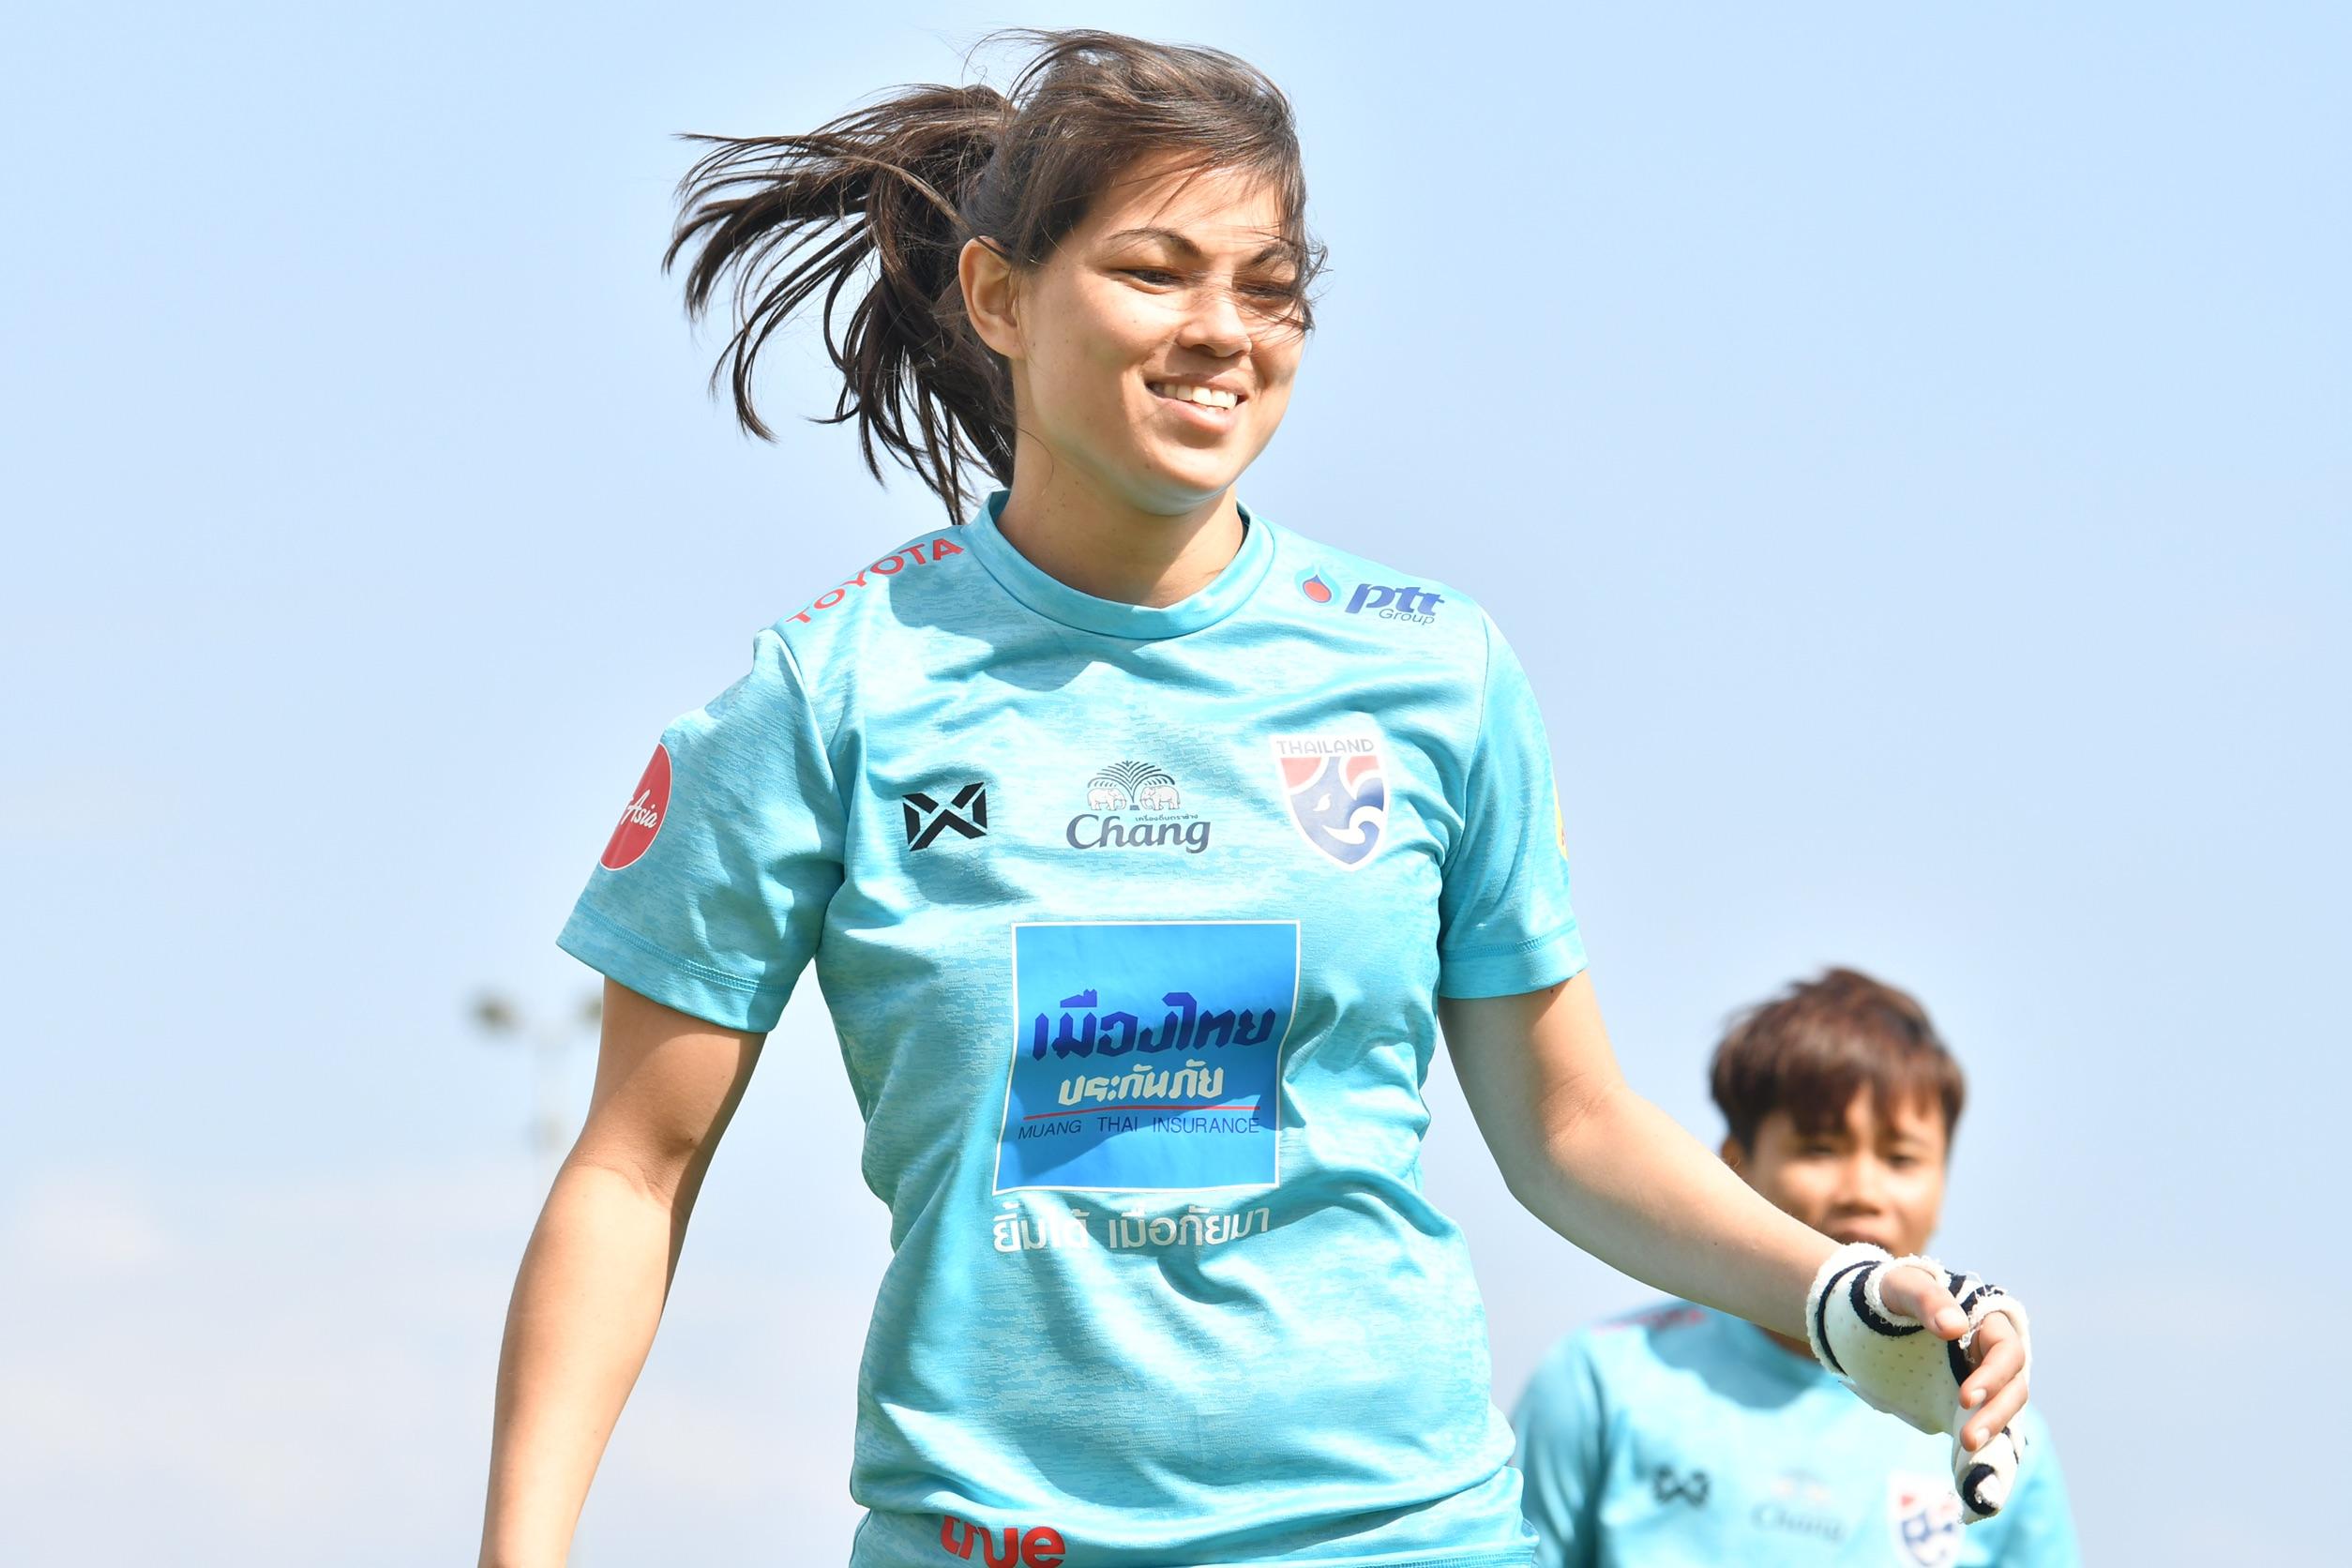 ฟุตบอลหญิงทีมชาติไทย อัญชลี ฮอลล์ แอชลีย์